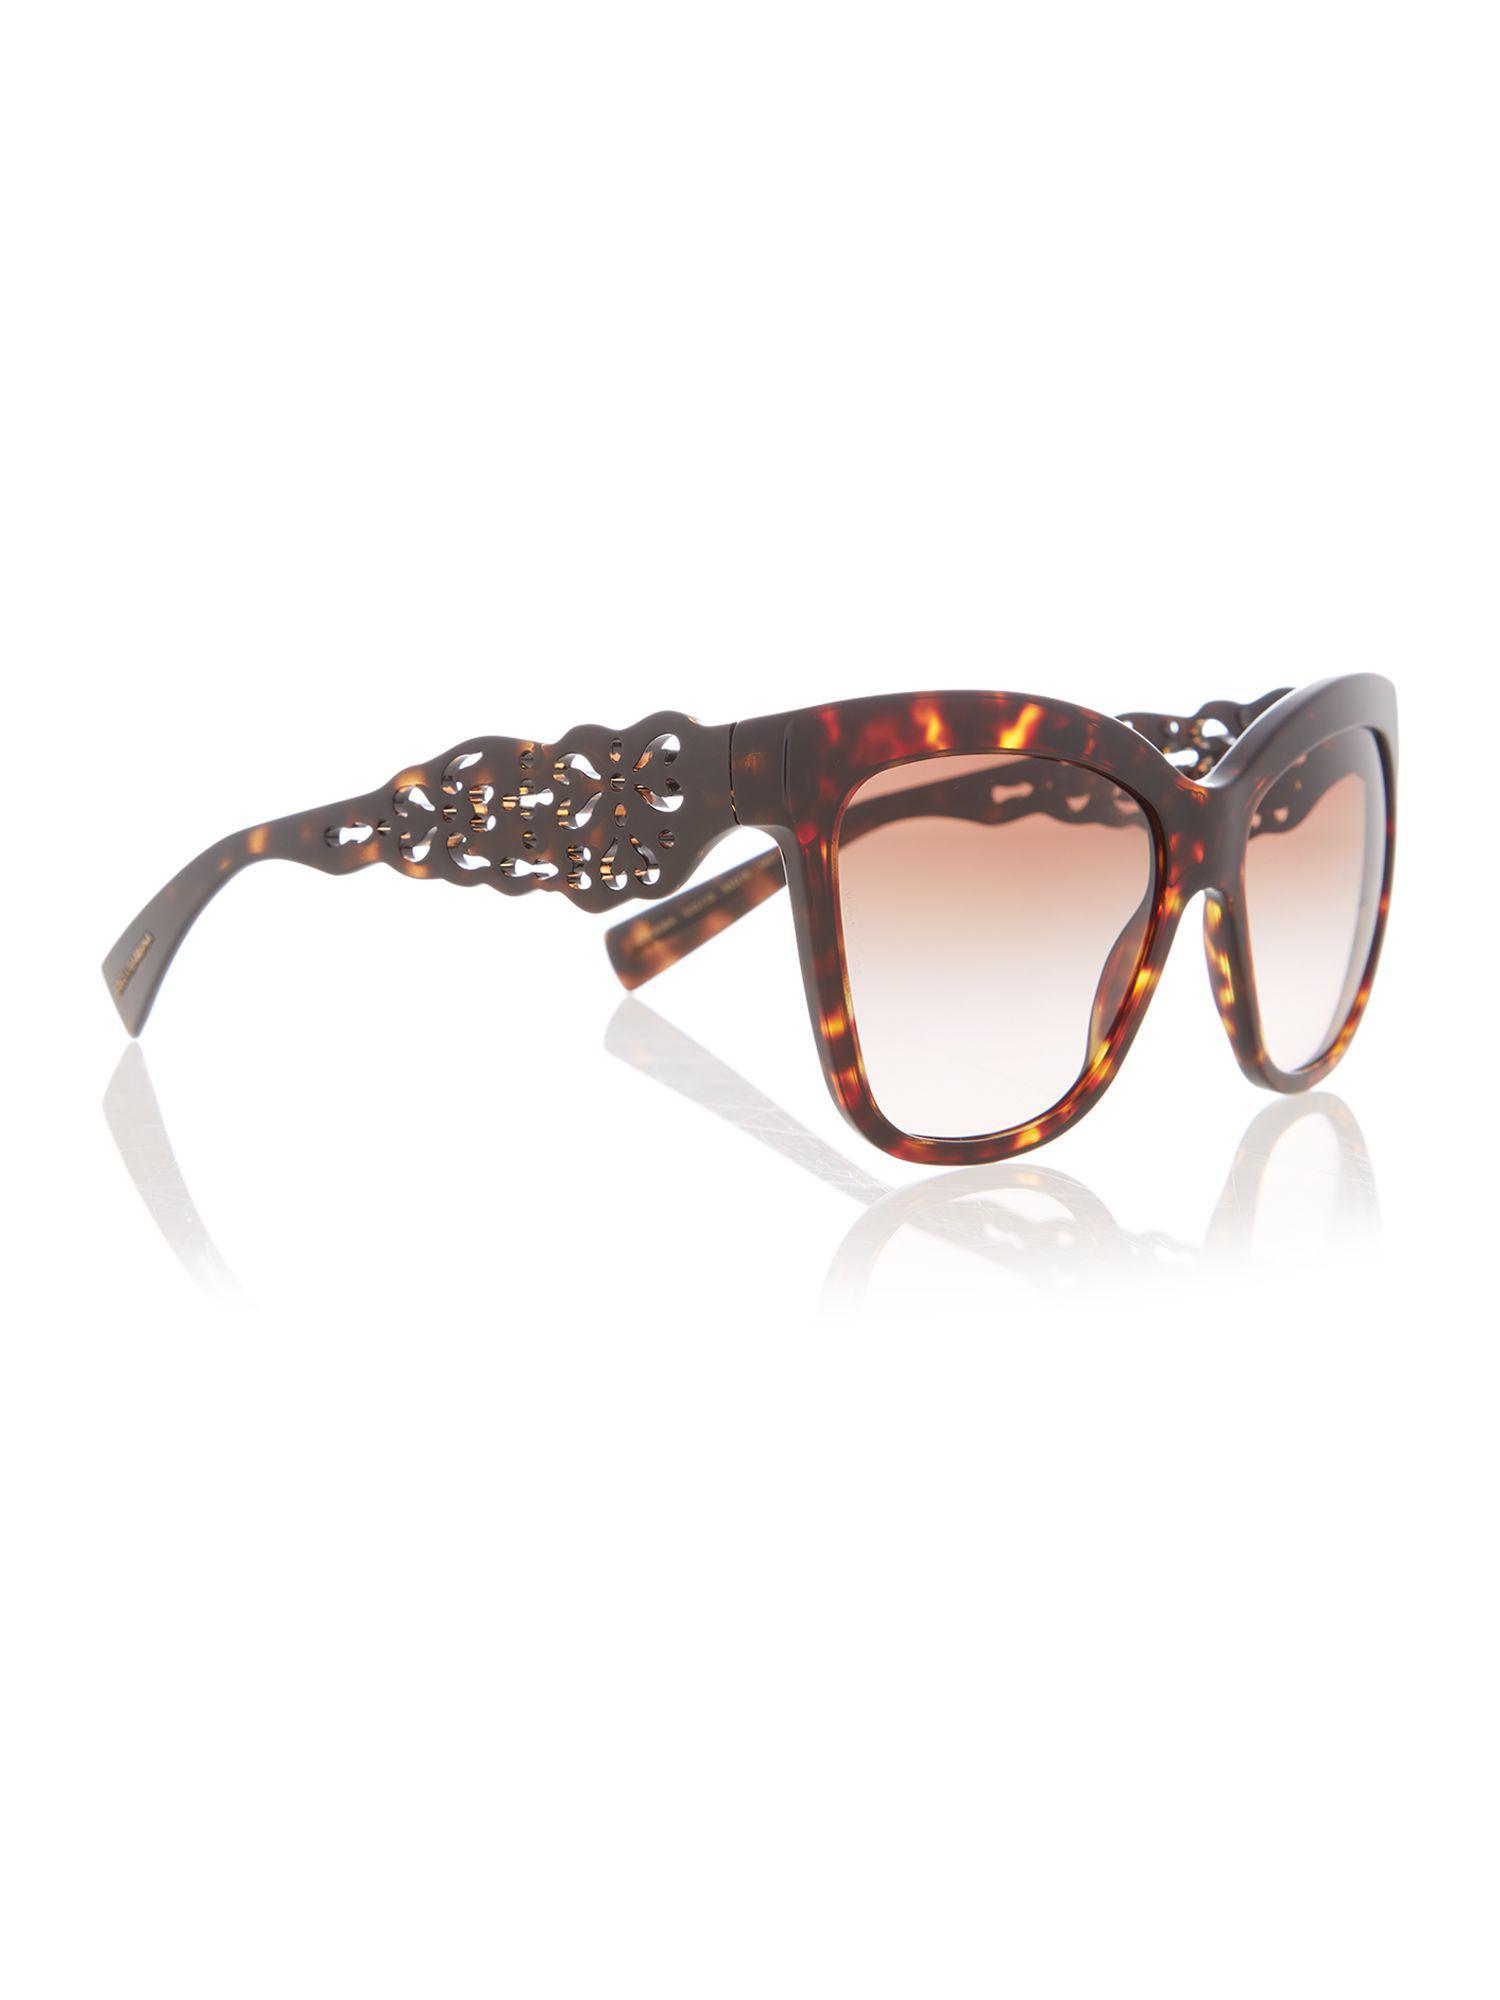 6434f5e7c89 Dolce   Gabbana Dg4264 Female Brown Square Sunglasses in Brown ...